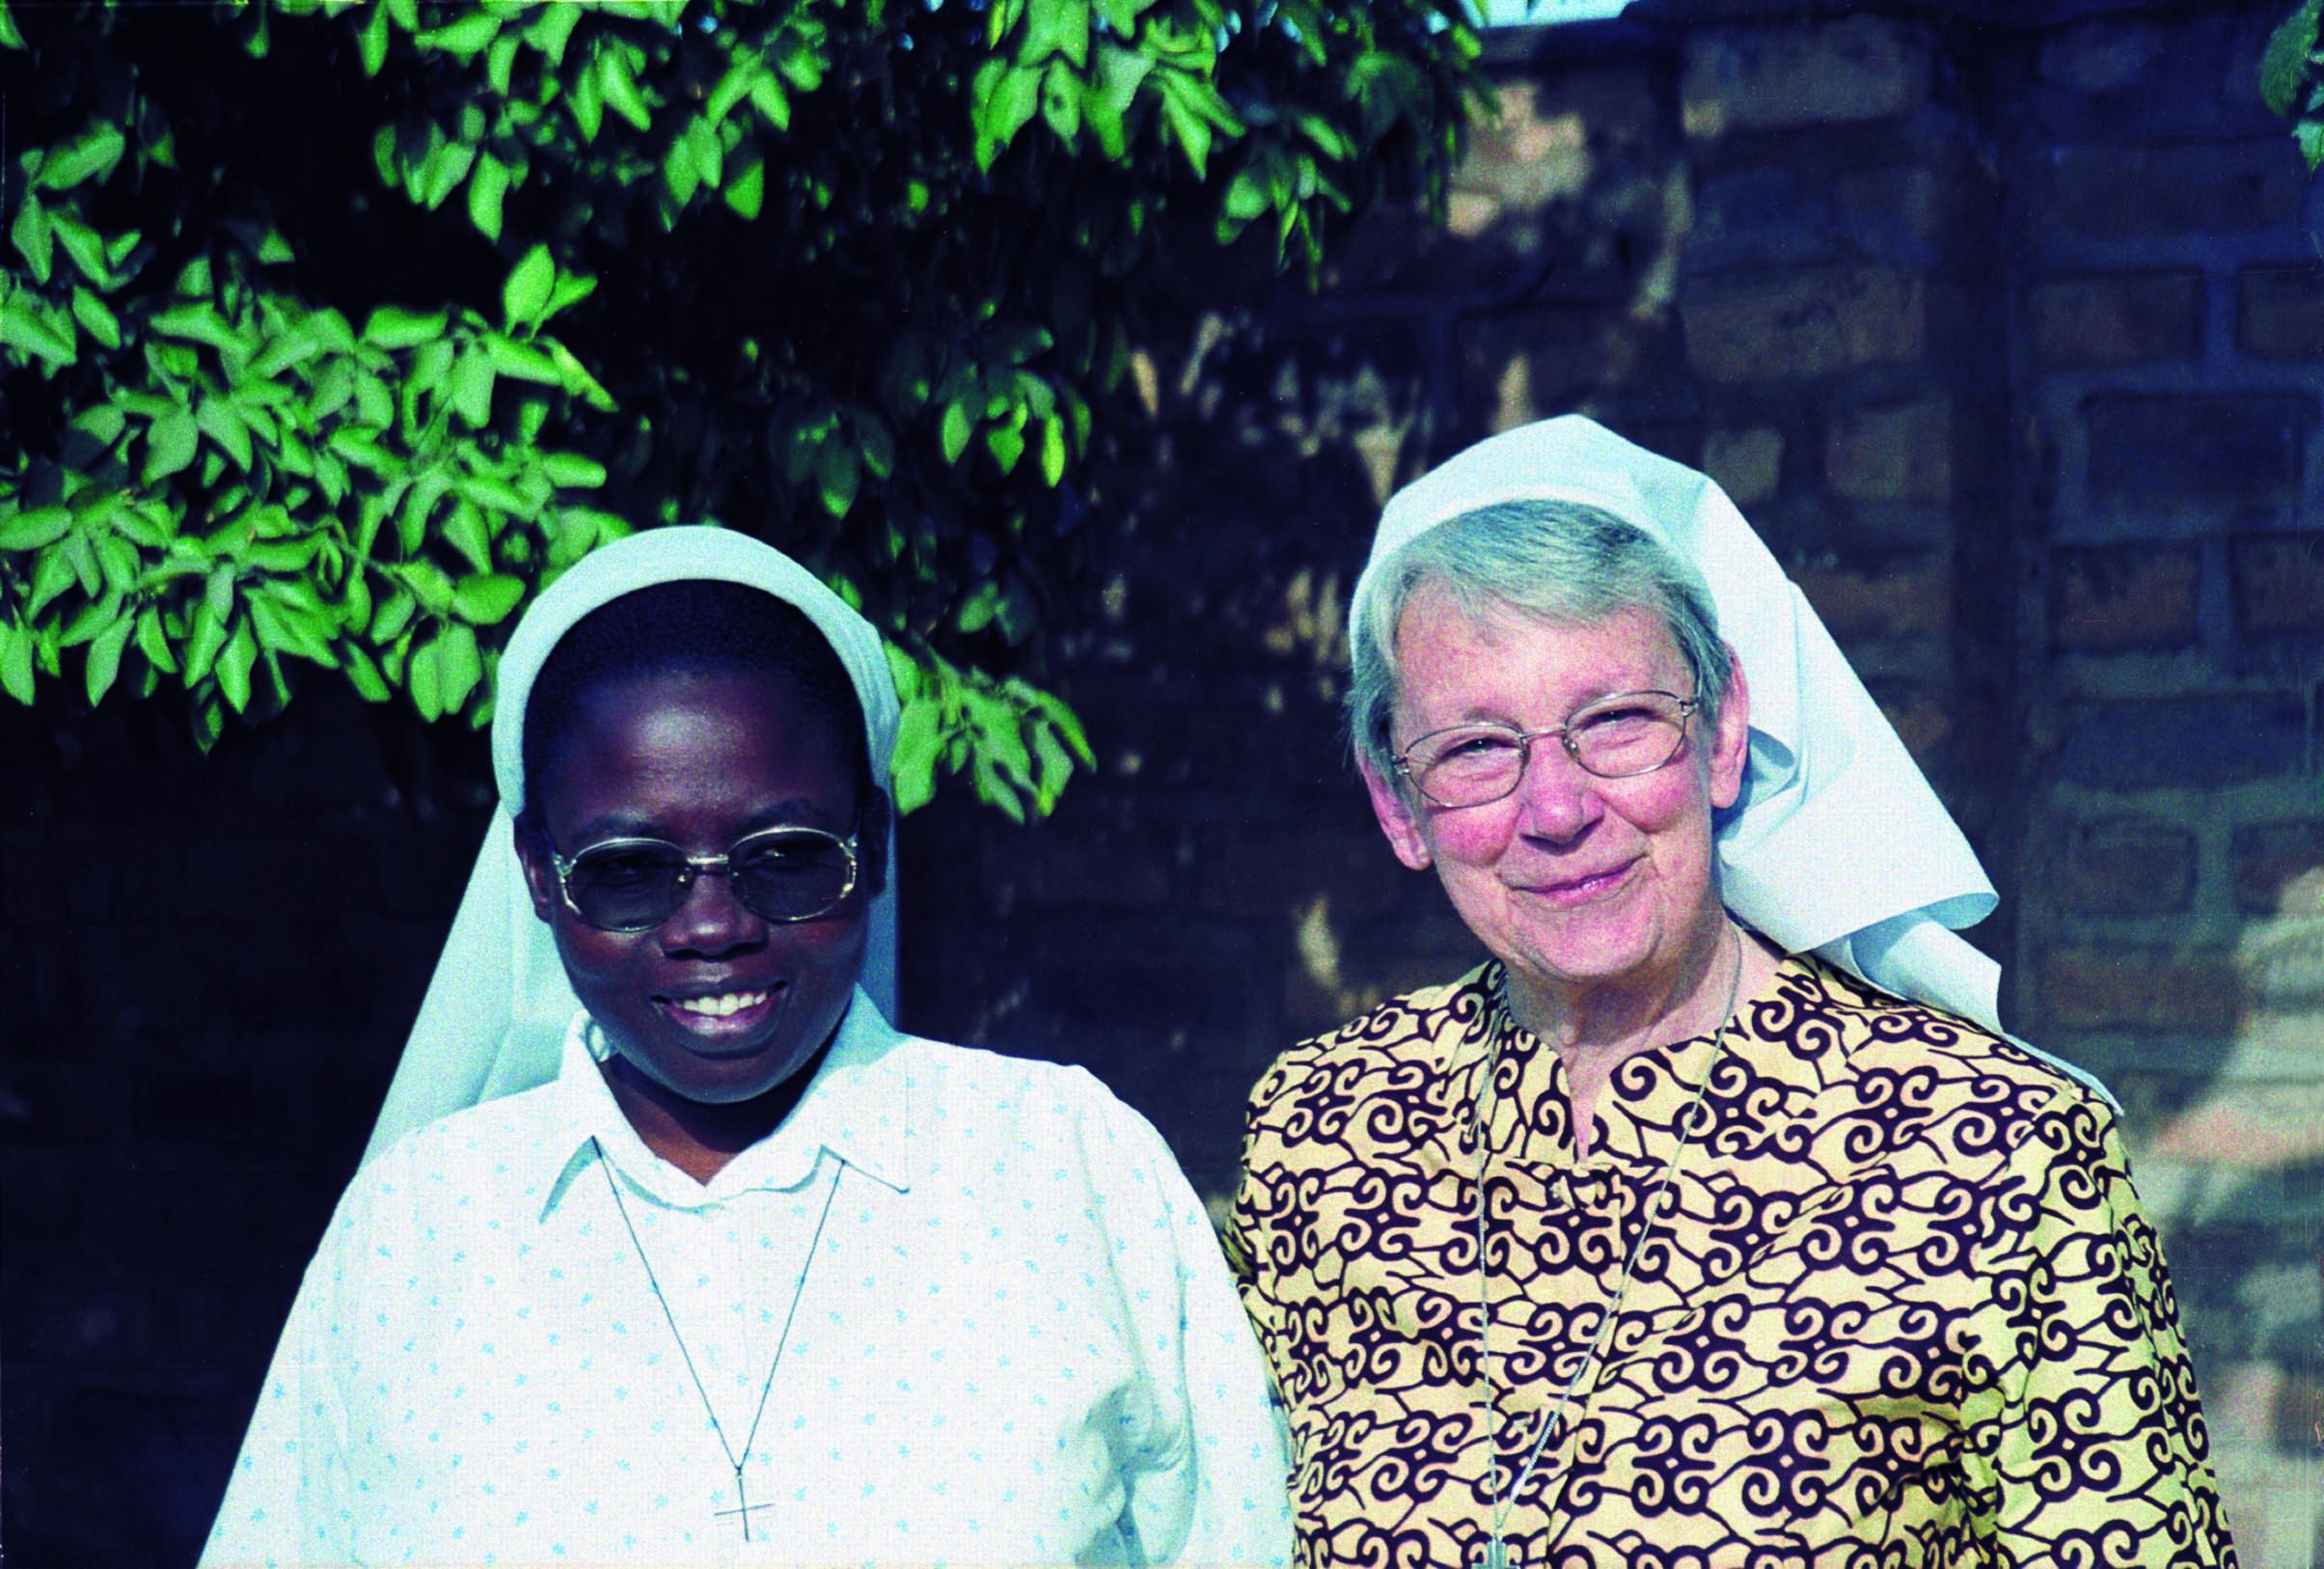 De Vlaamse zuster Frieda, lange tijd missionaris in Rwanda en de Rwandese zr. Emilienne bij de start van de nieuwe communauteit in Moundou, Tsjaad (jan 2004) © Archief zusters bernardinnen